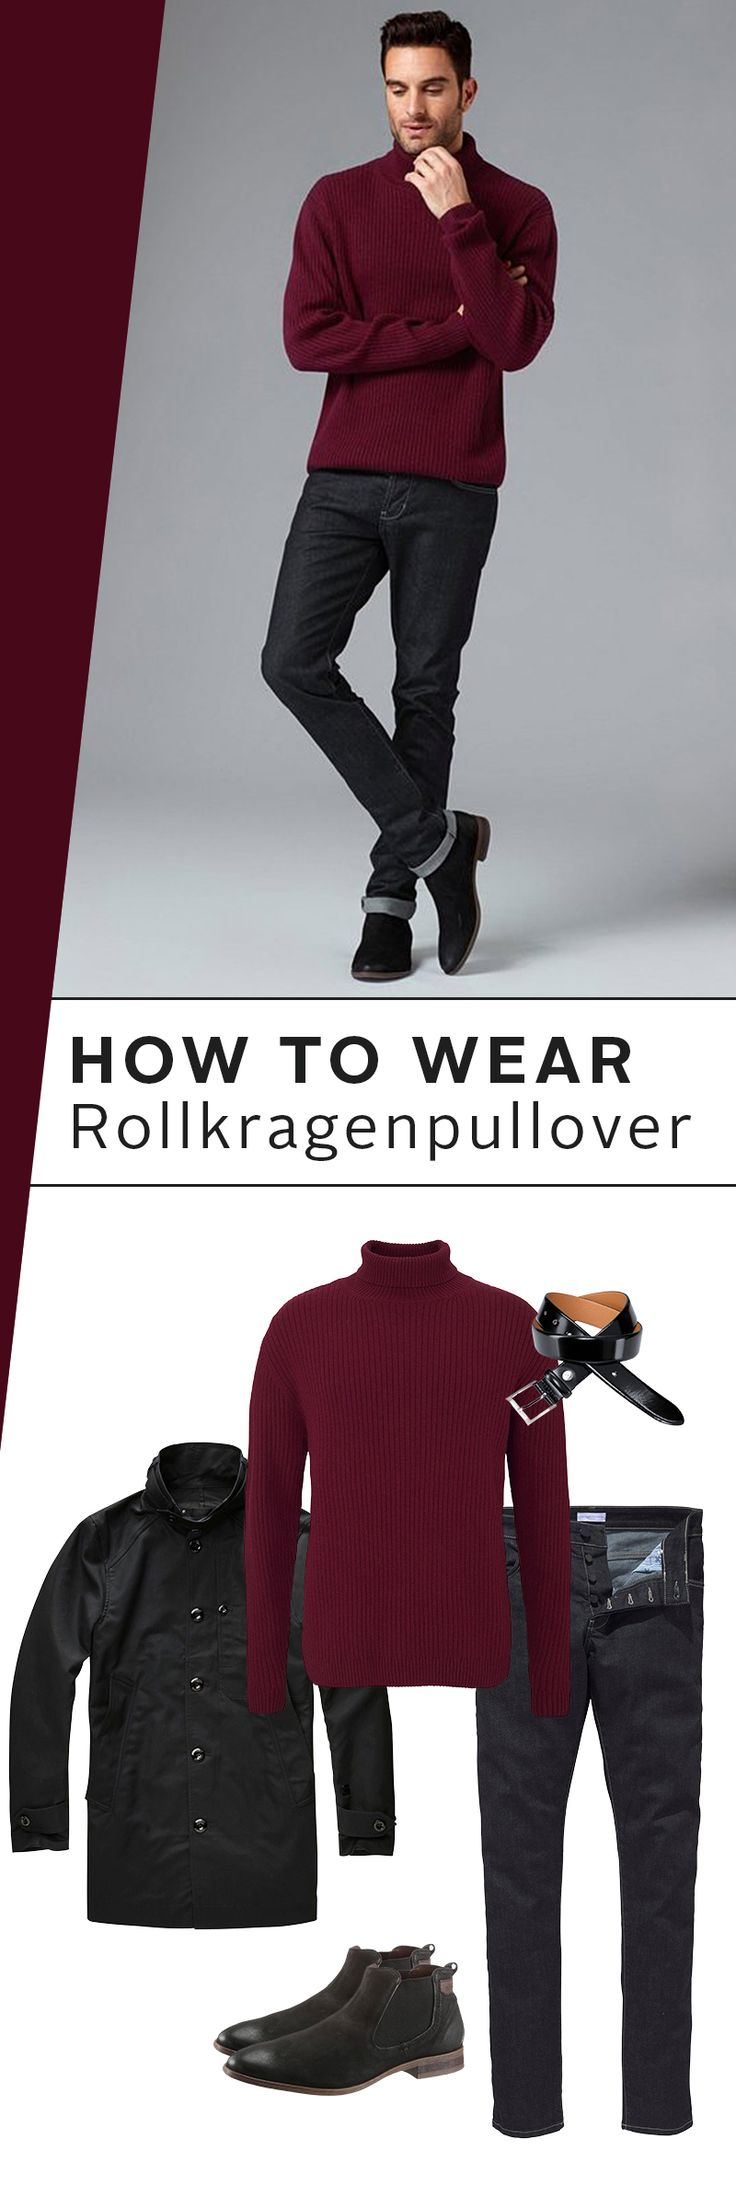 Kaum sinken die Temperaturen, steigt die Lust auf einen echten Klassiker: den Rollkragenpullover! Stardesigner Guido Maria Kretschmer kombiniert ihn in der Farbe Burgund mit einer schwarzen Jeans, Boots und Kurzmantel – für einen herbstlich-eleganten Auftritt!